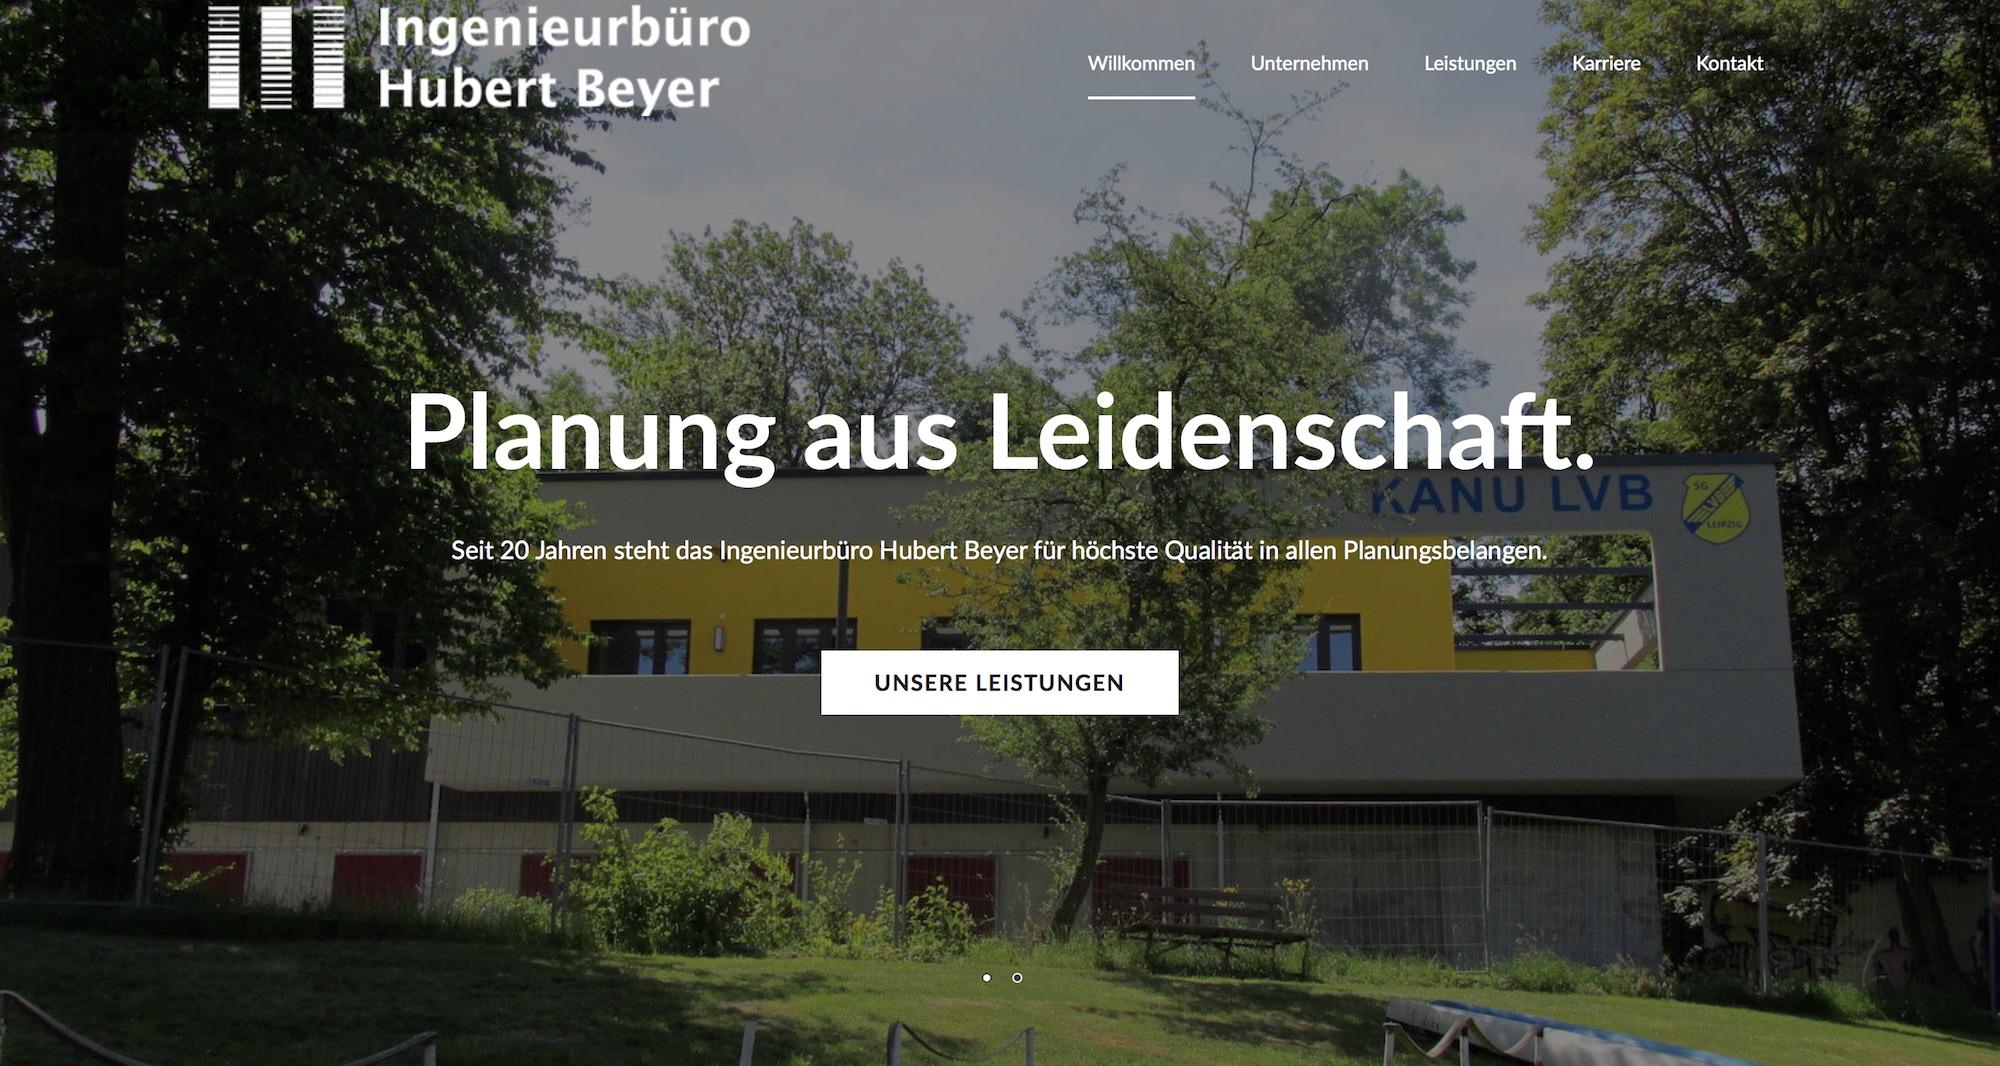 Ingenieurbüro Hubert Beyer Planung aus Leidenschaft